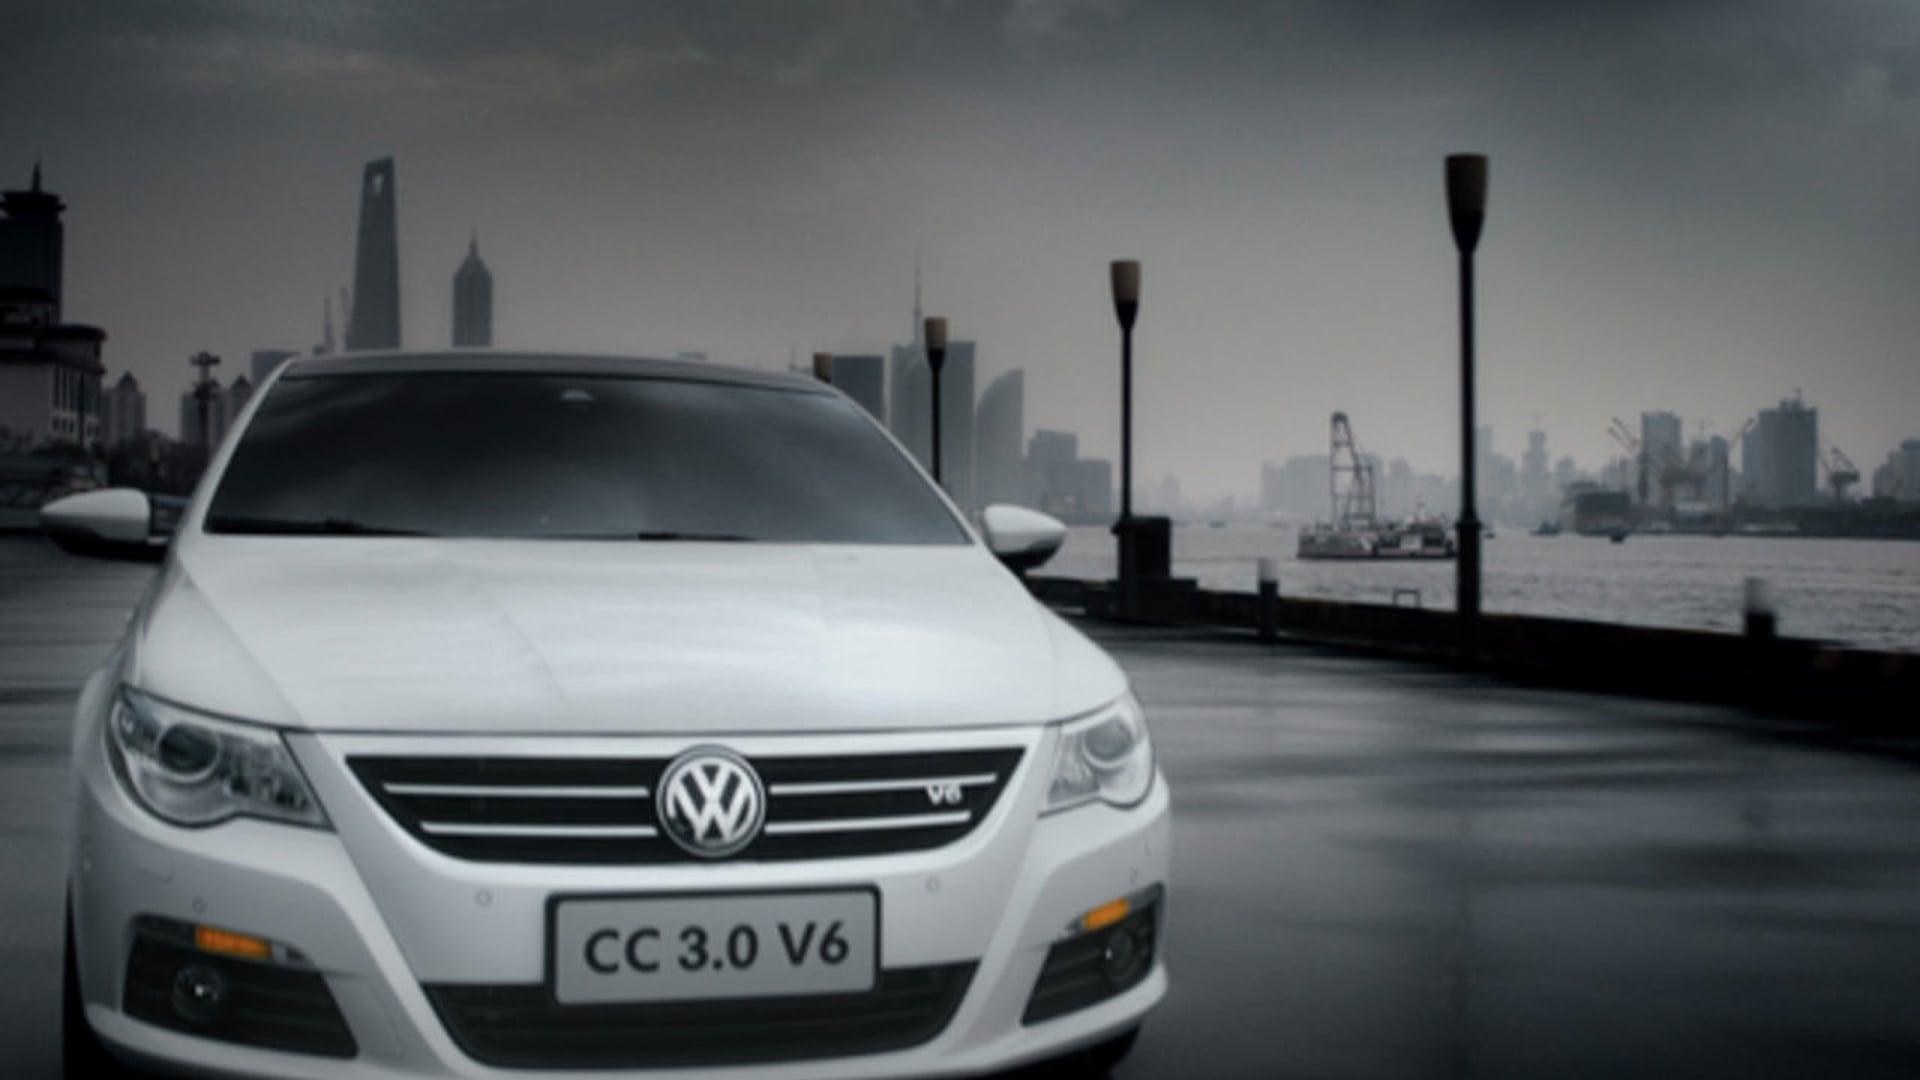 volkswagen_CC V6